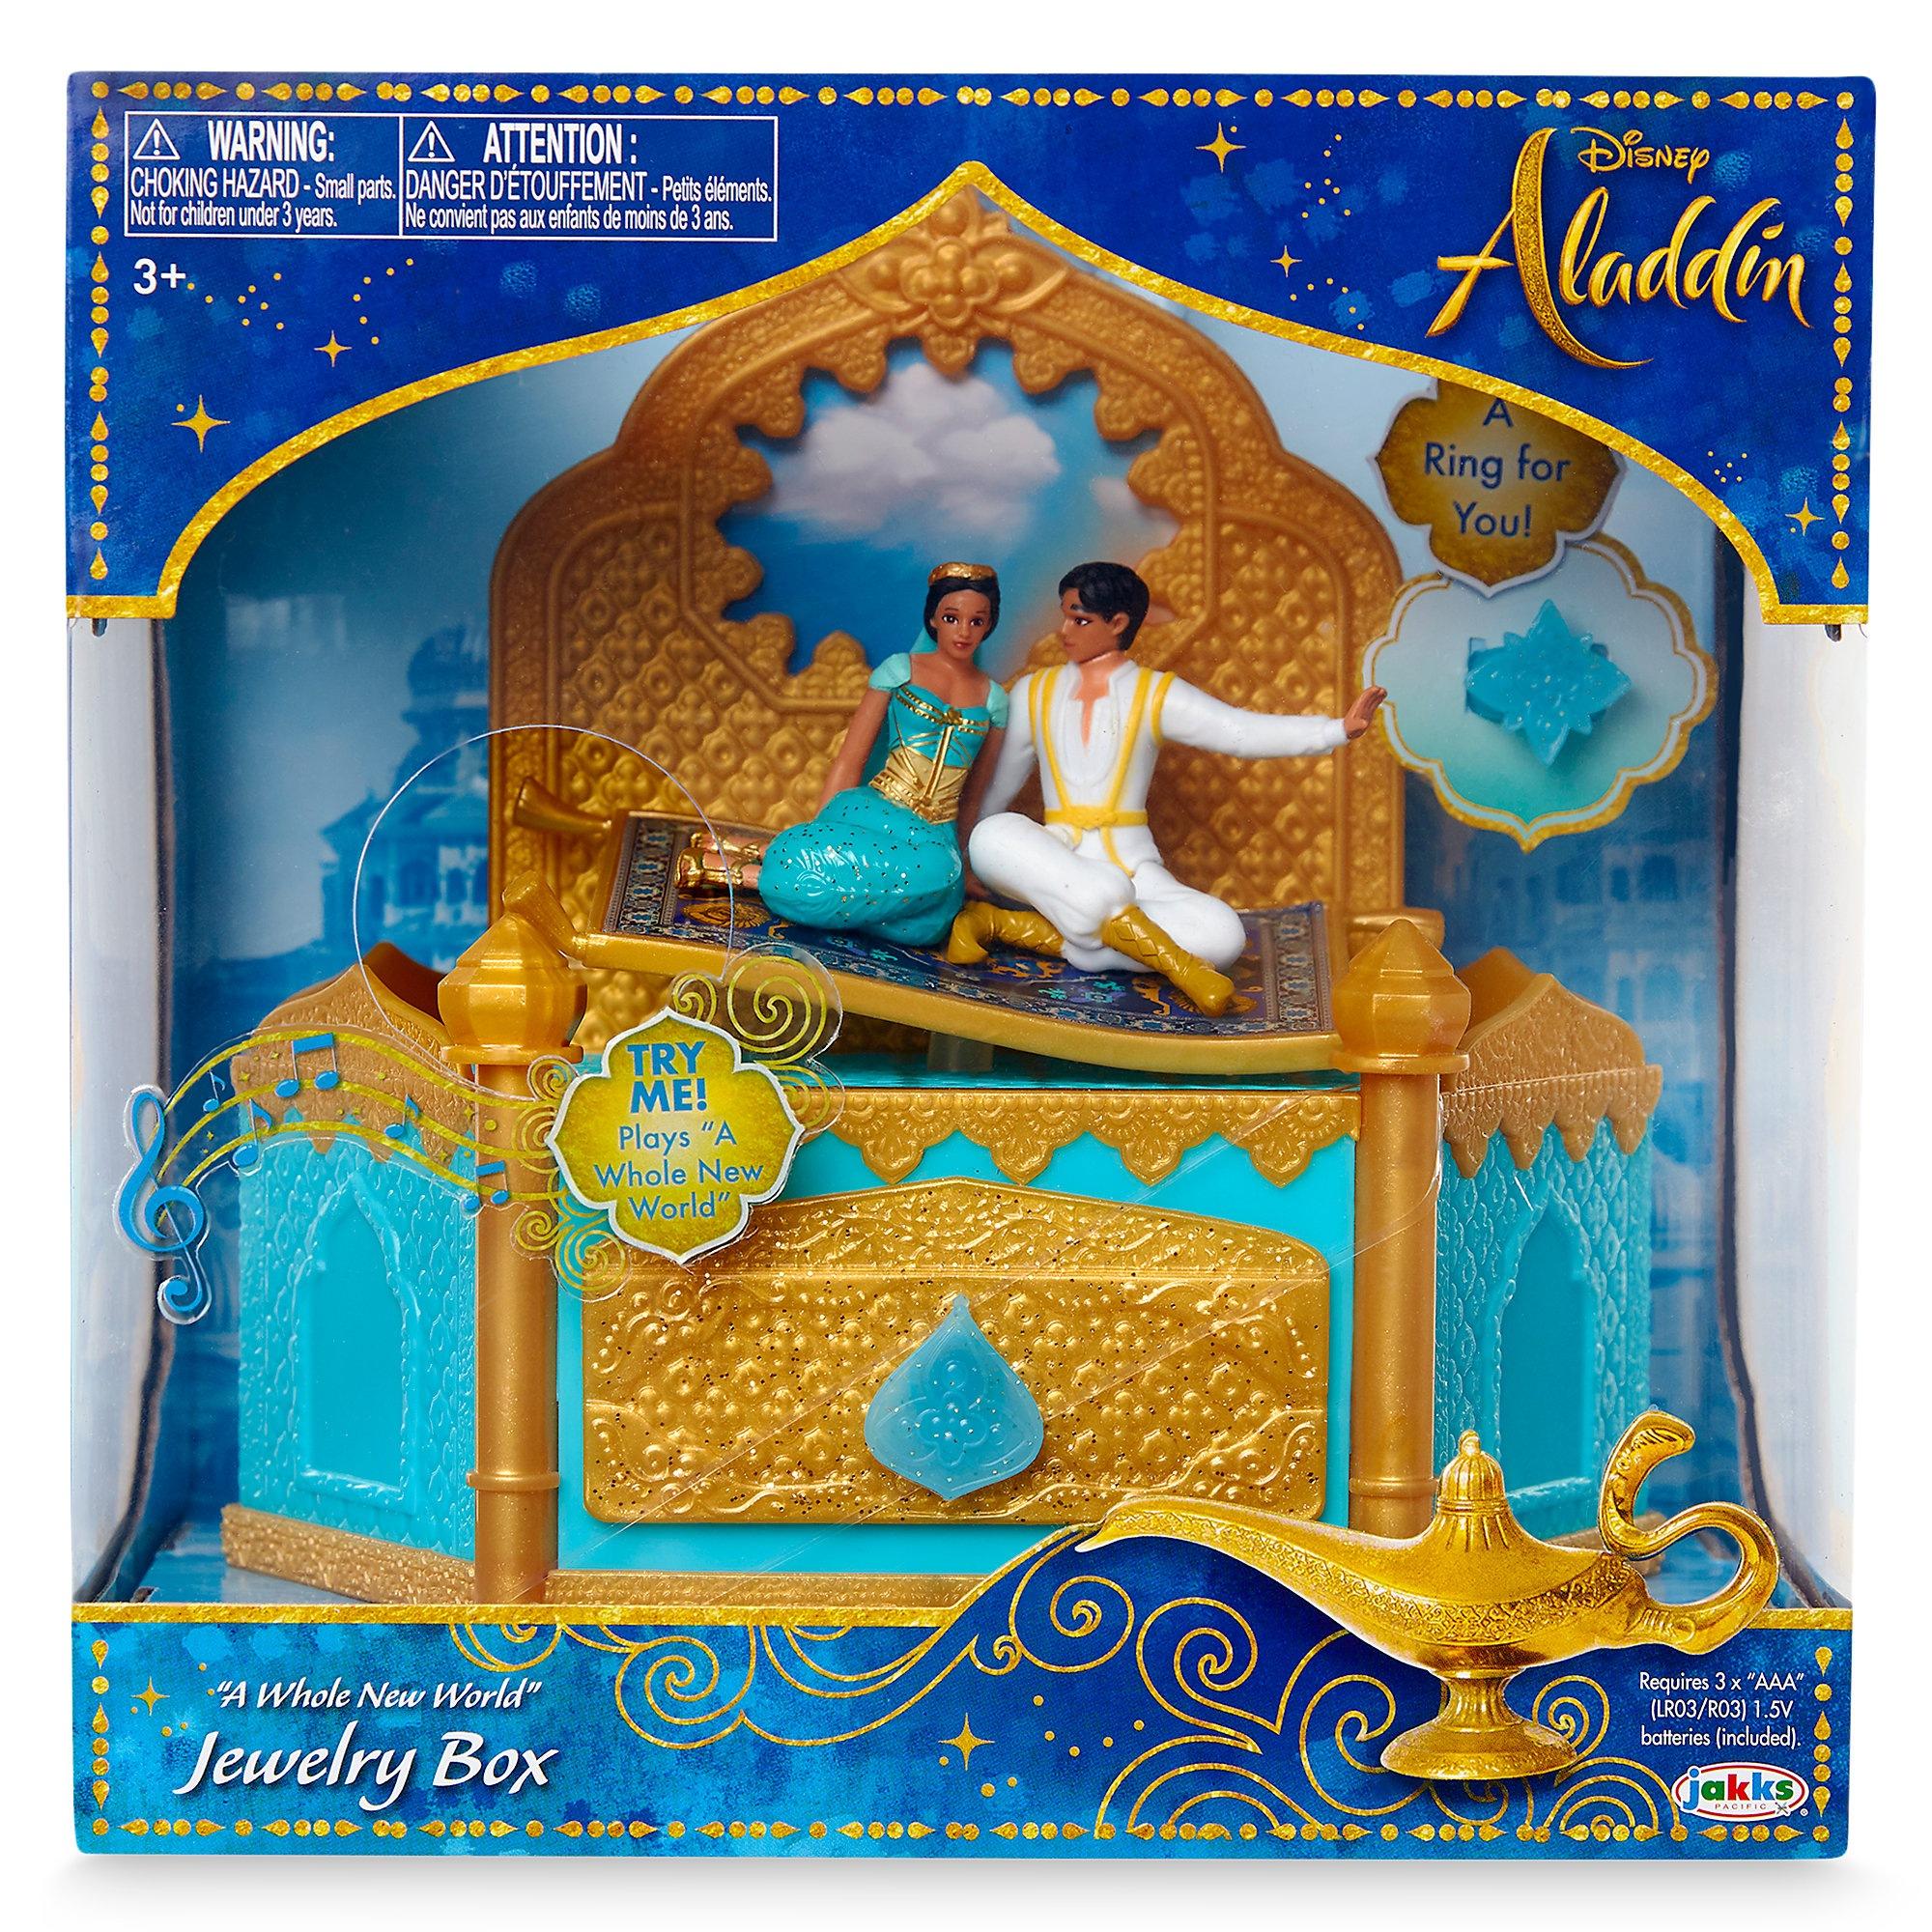 Aladdin Jewelry Box – Buy Now